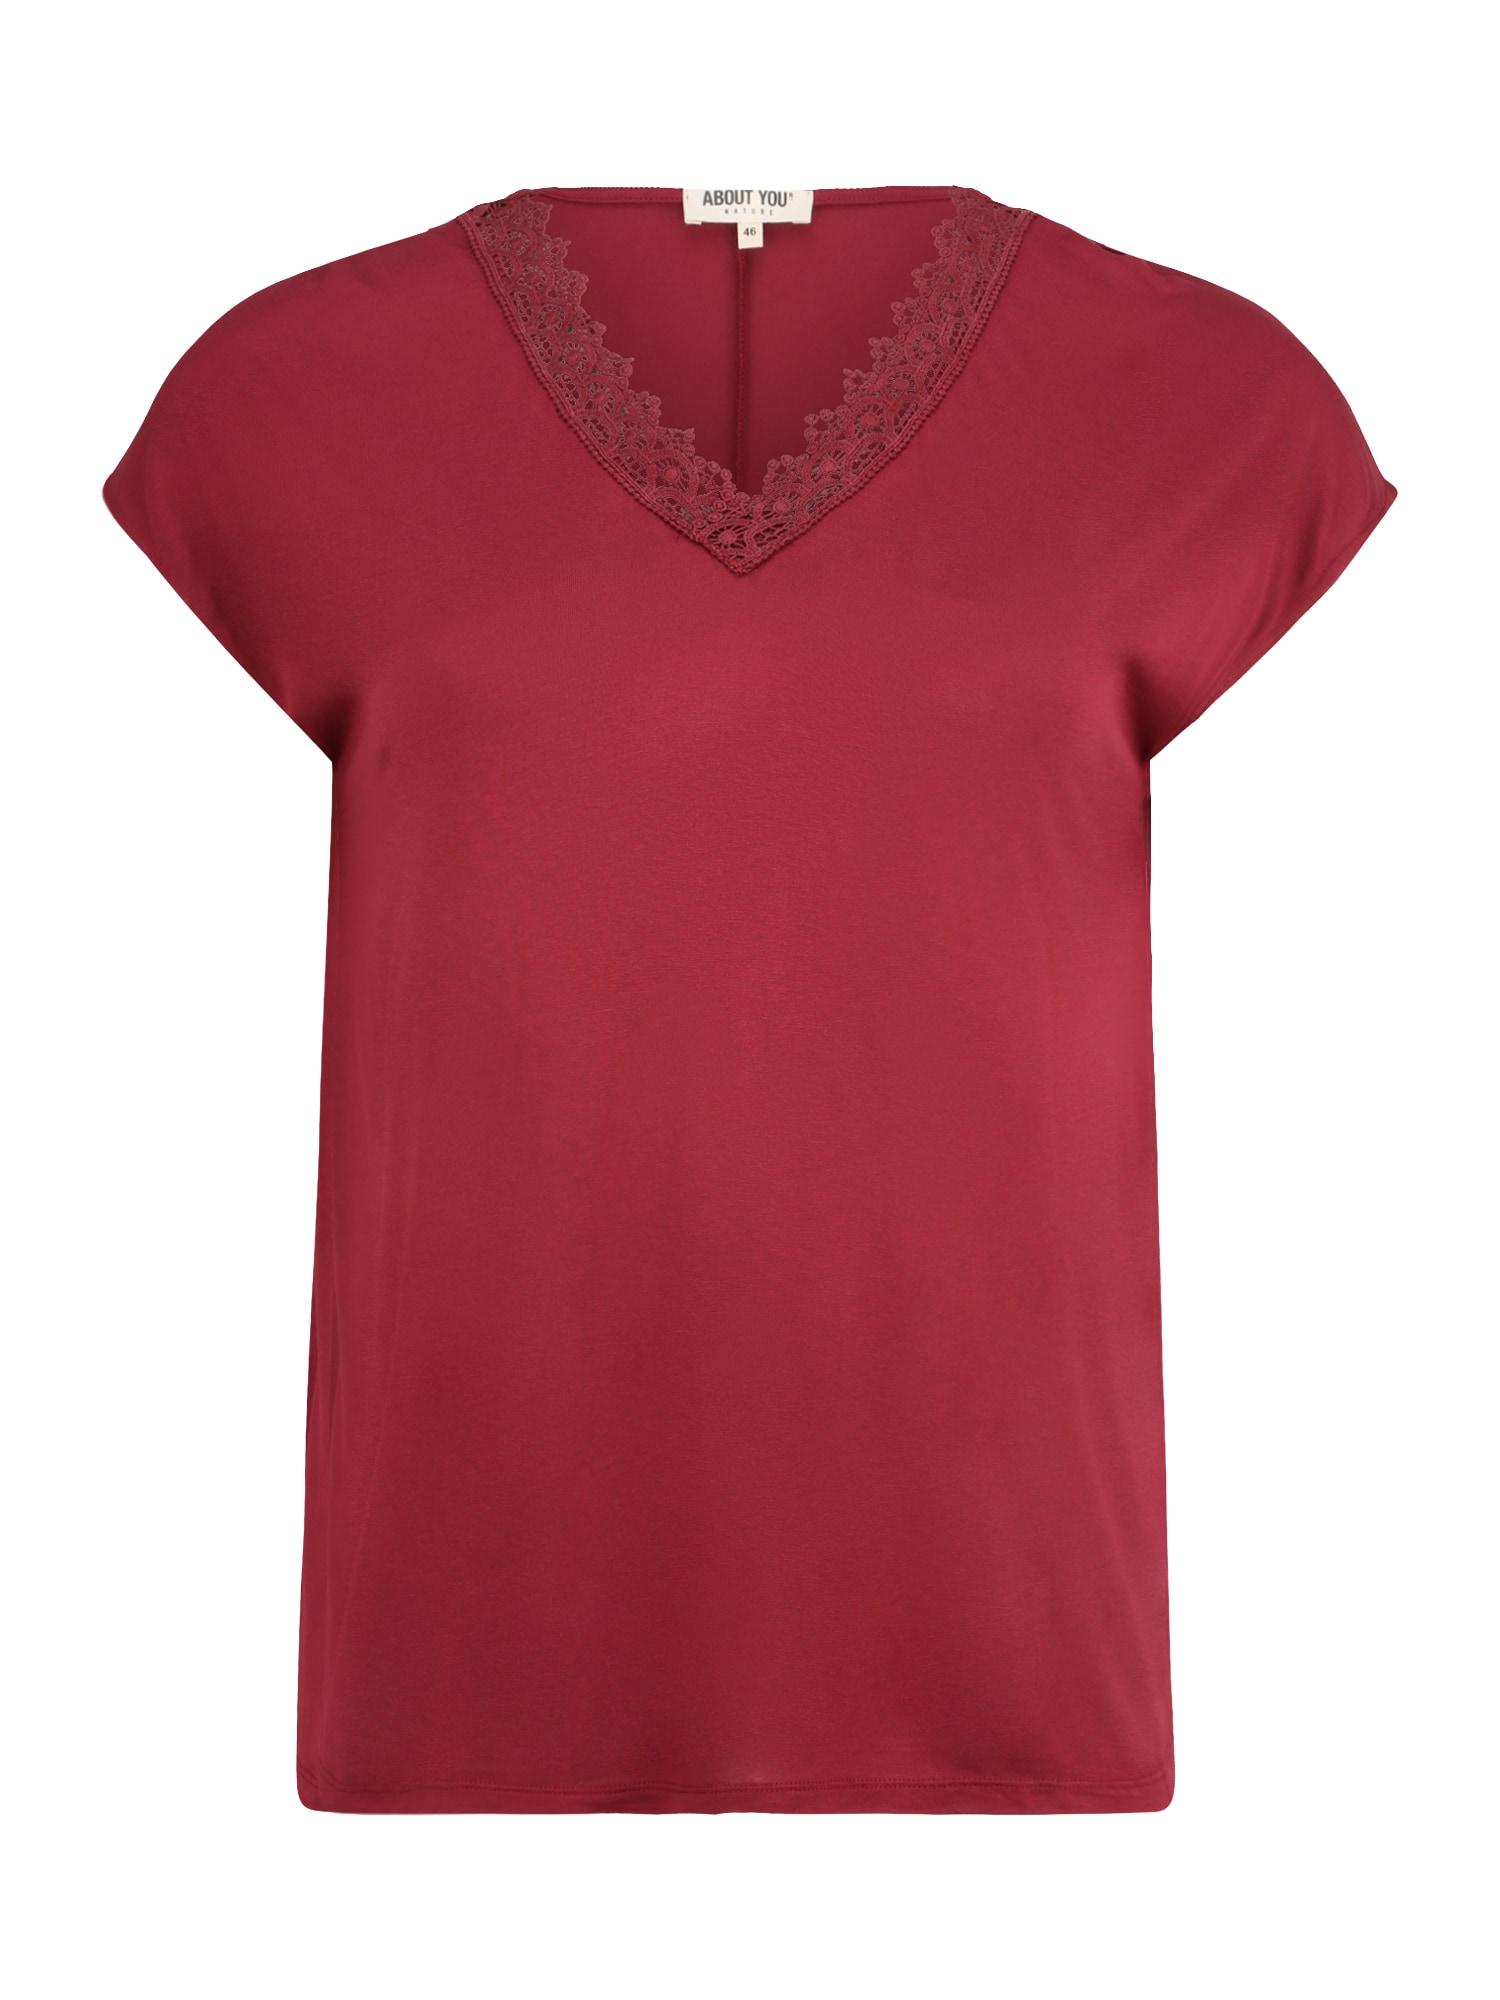 ABOUT YOU Curvy Marškinėliai 'Kate' raudona